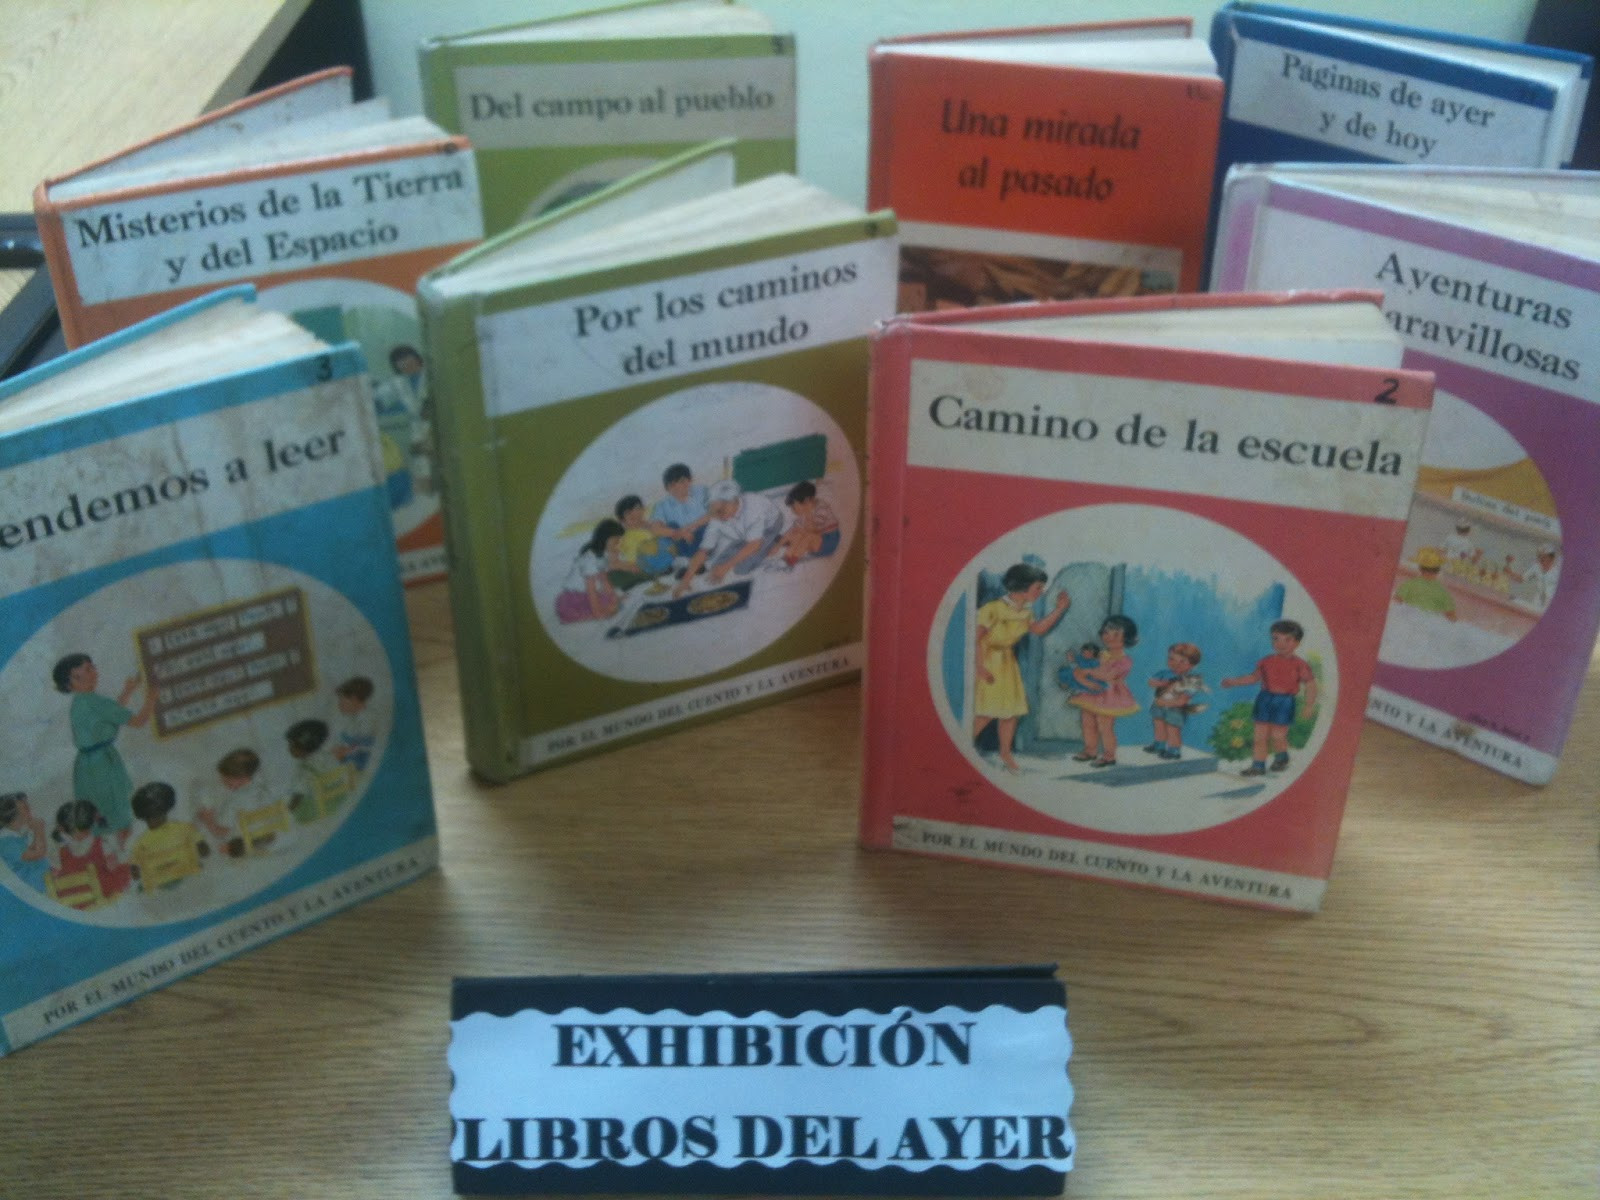 Biblioteca Dr Juan Jos Osuna Exhibicin Libros del ayer